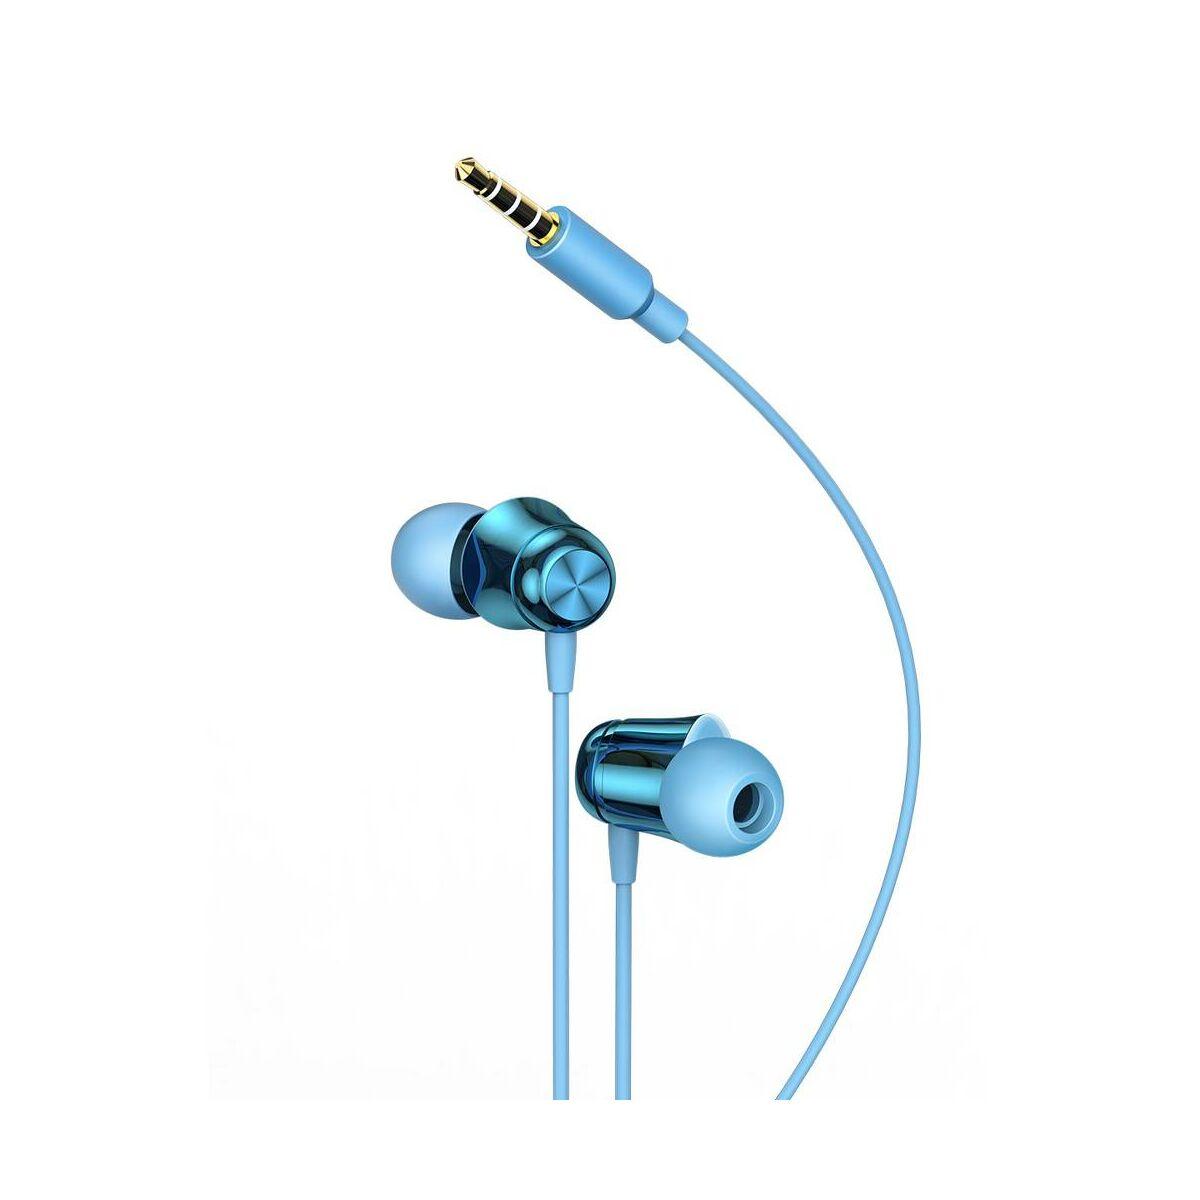 Baseus fülhallgató, Encok H13, vezetékes, vezérlővel, kék (NGH13-03)